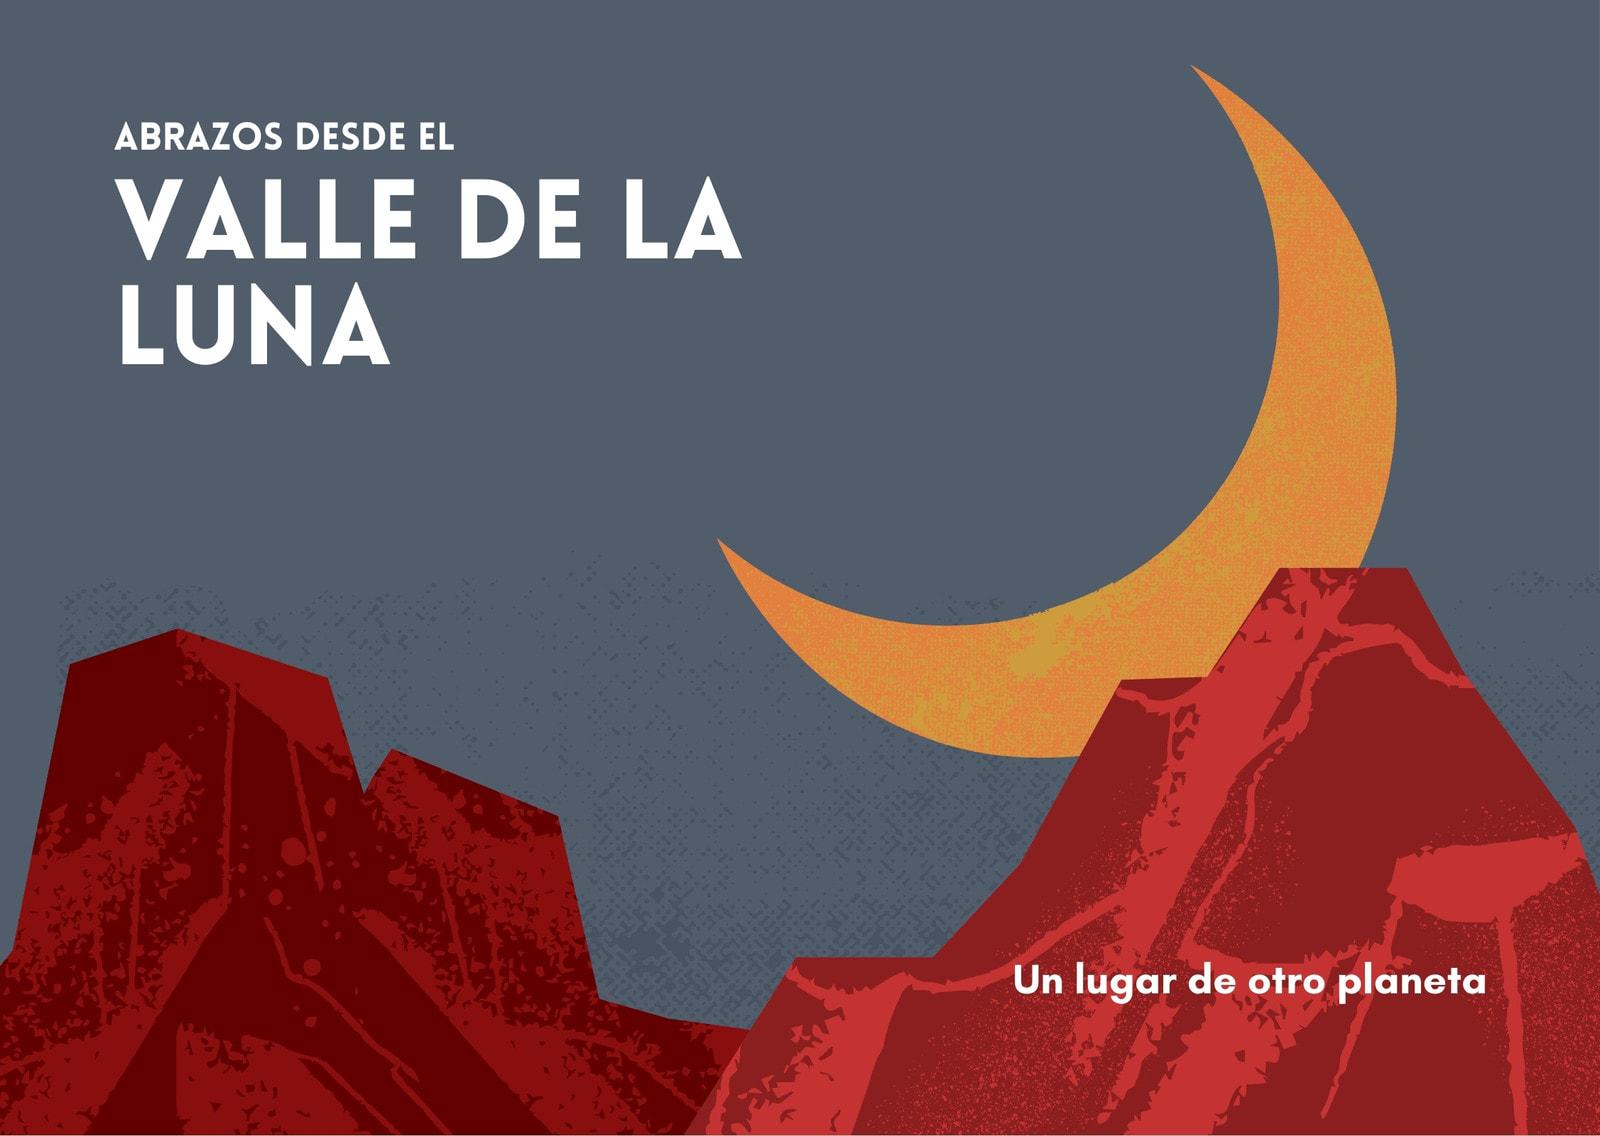 Postal rojo manzana y mostaza ilustrado geométrica del Valle de la Luna